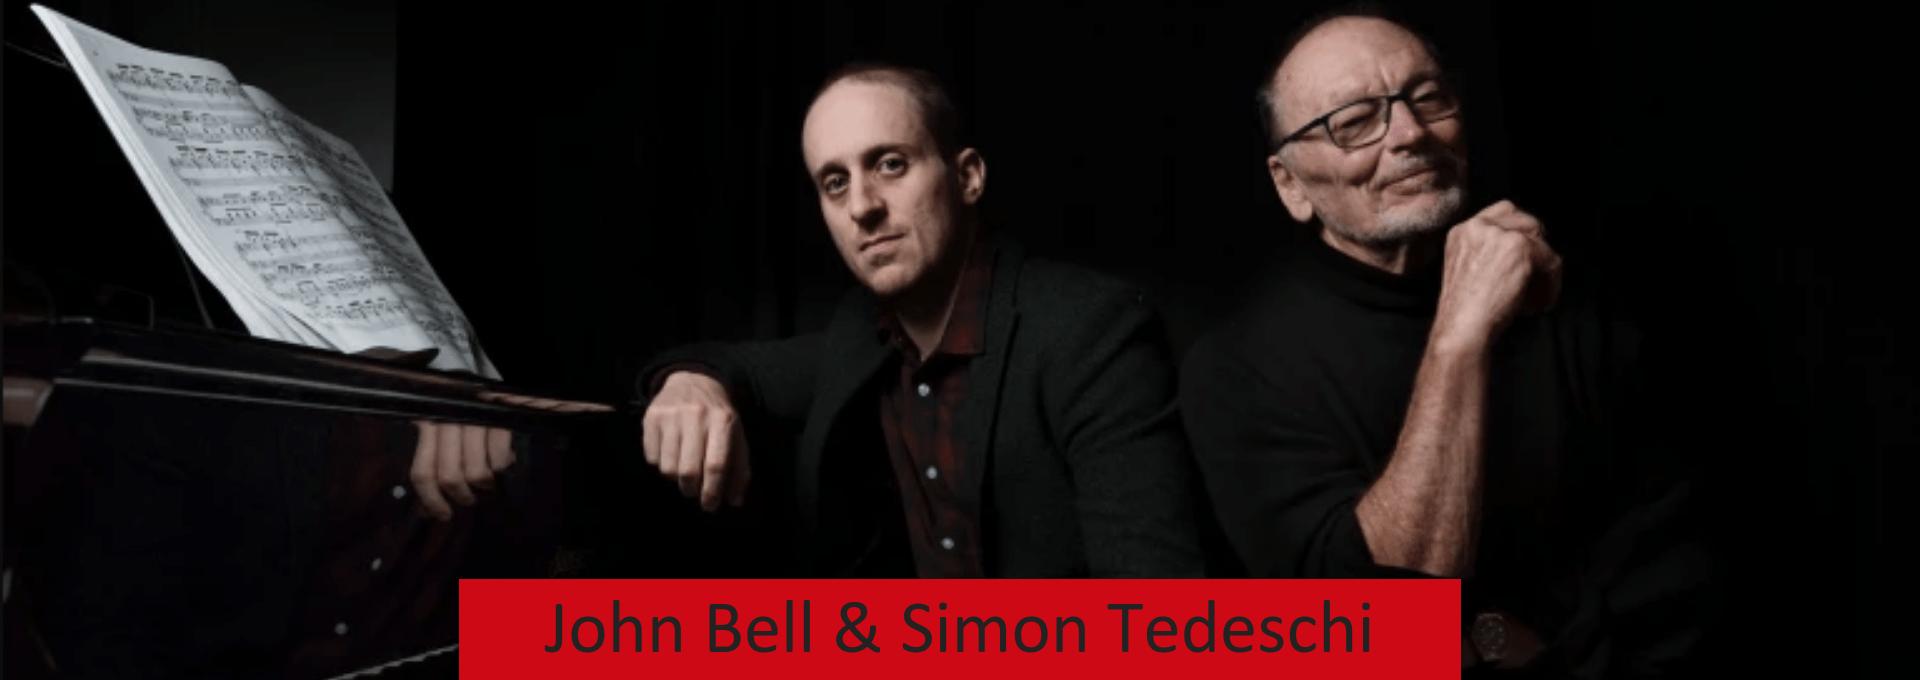 John Bell & Simon Tedeschi 'Bright Star